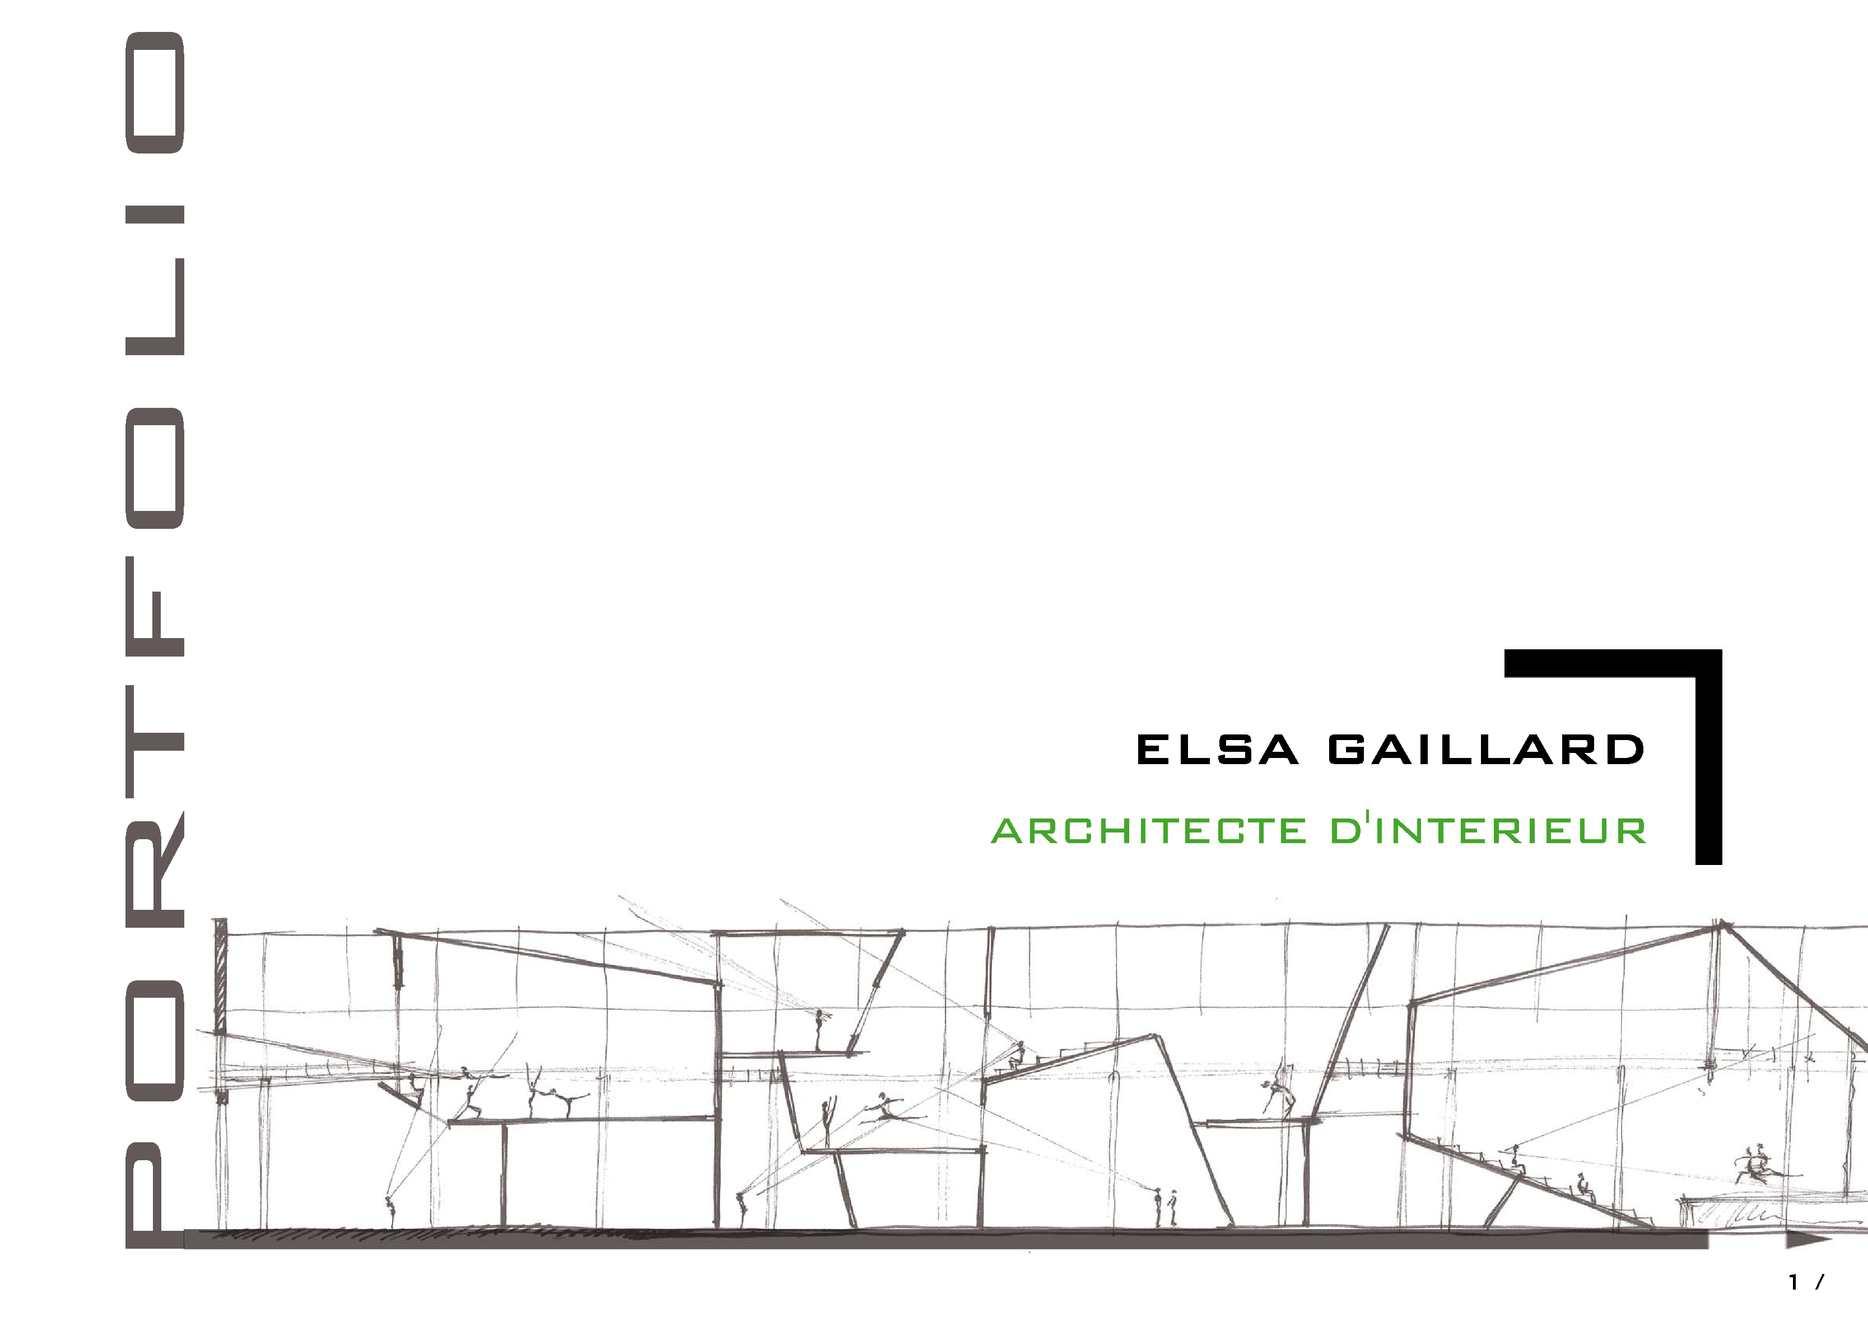 L Architecture D Intérieur calaméo - portfolio - architecture d'intérieur - elsa gaillard